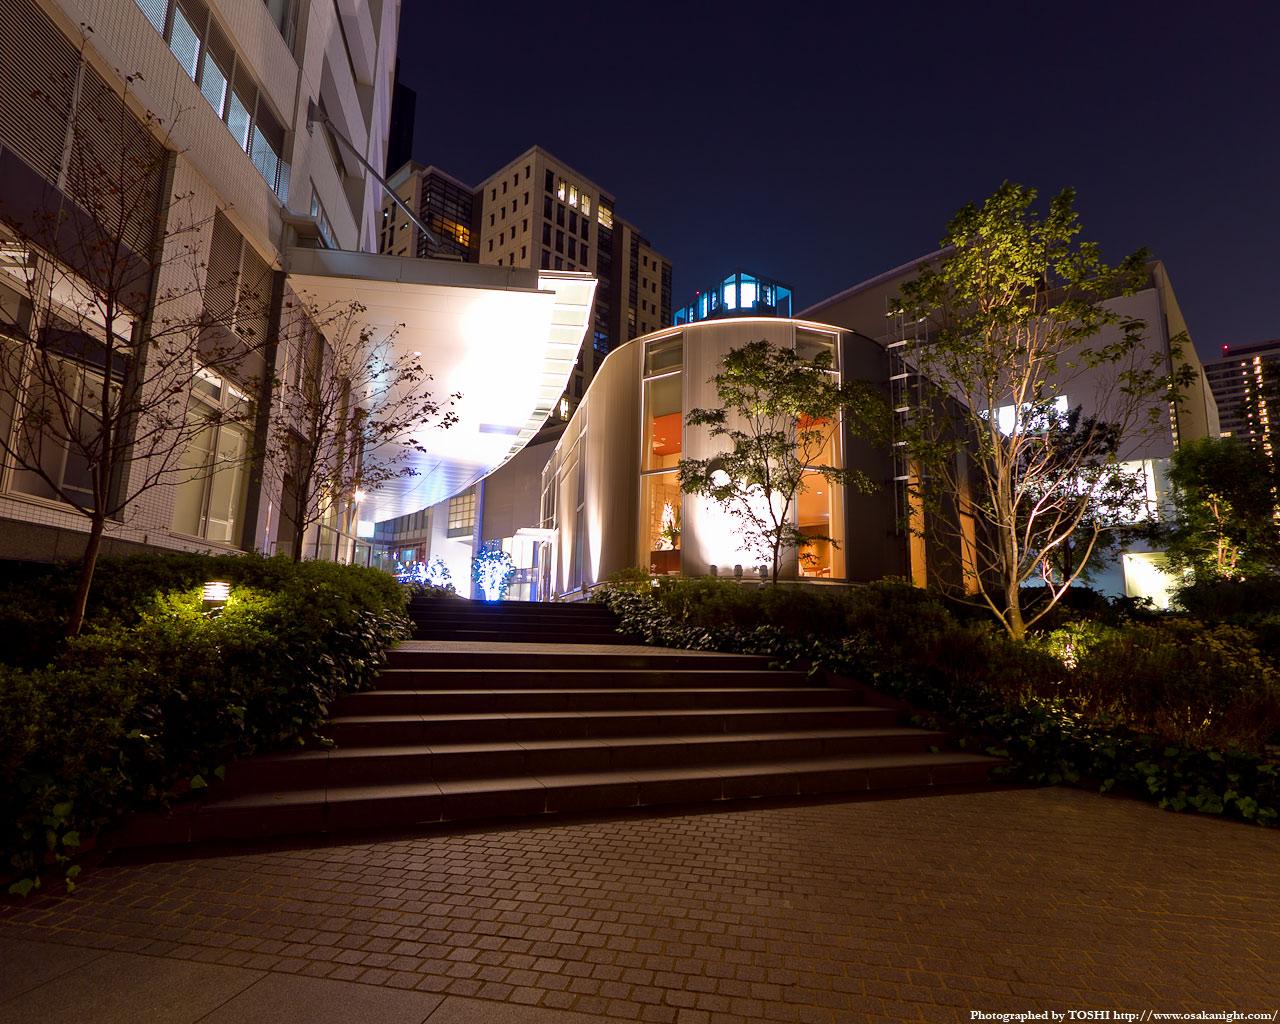 堂島クロスウォーク夜景4